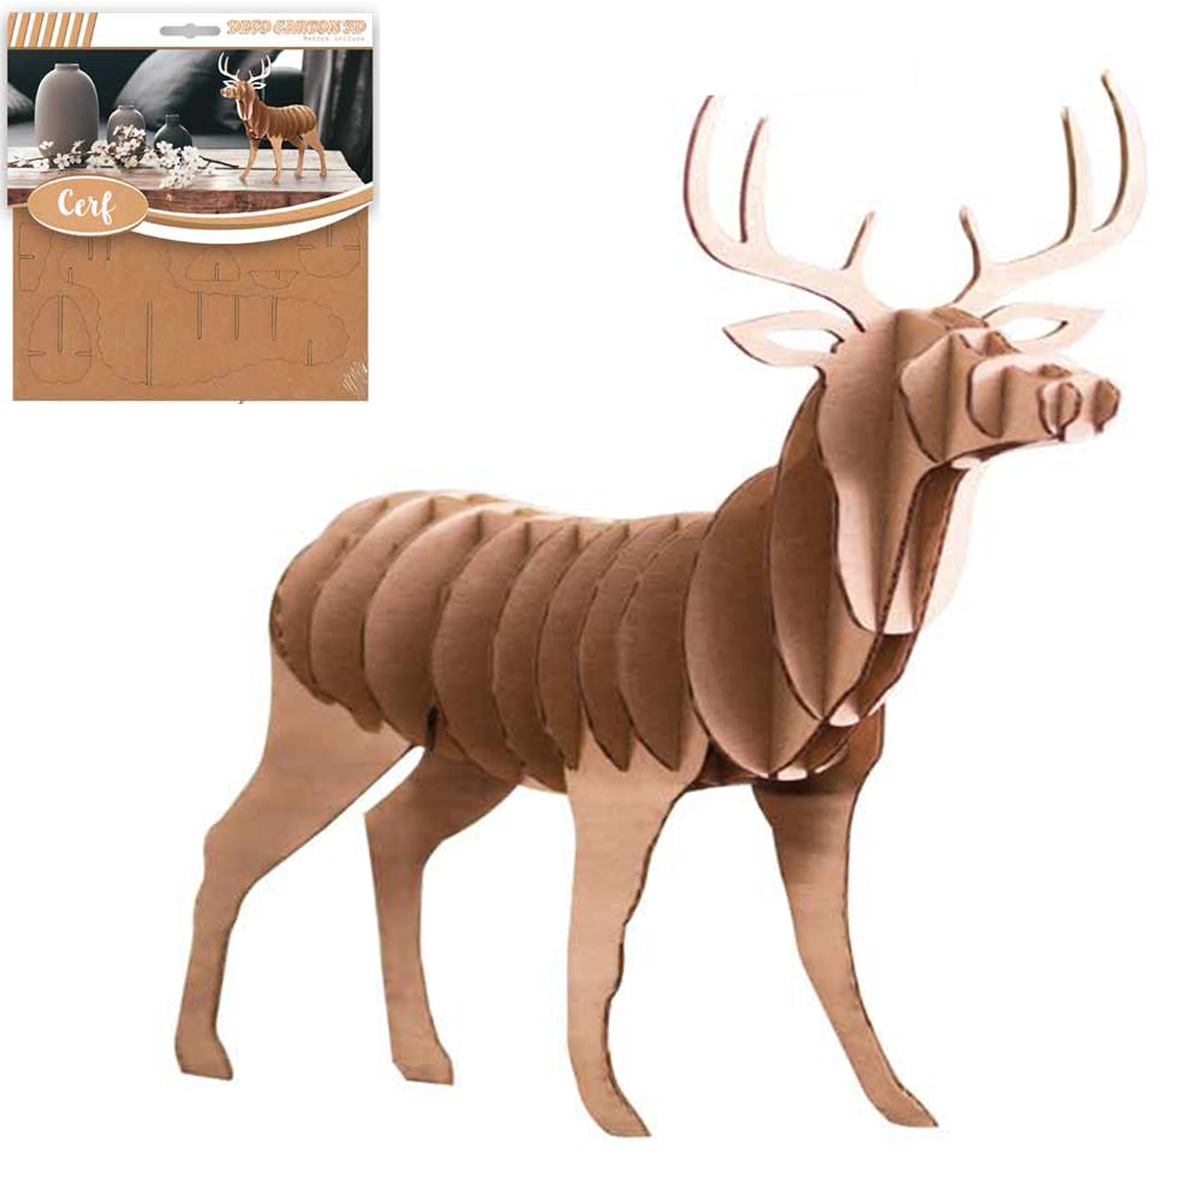 Figurine carton 3D \'Cerf\' - planches 165x175 cm - [Q4562]